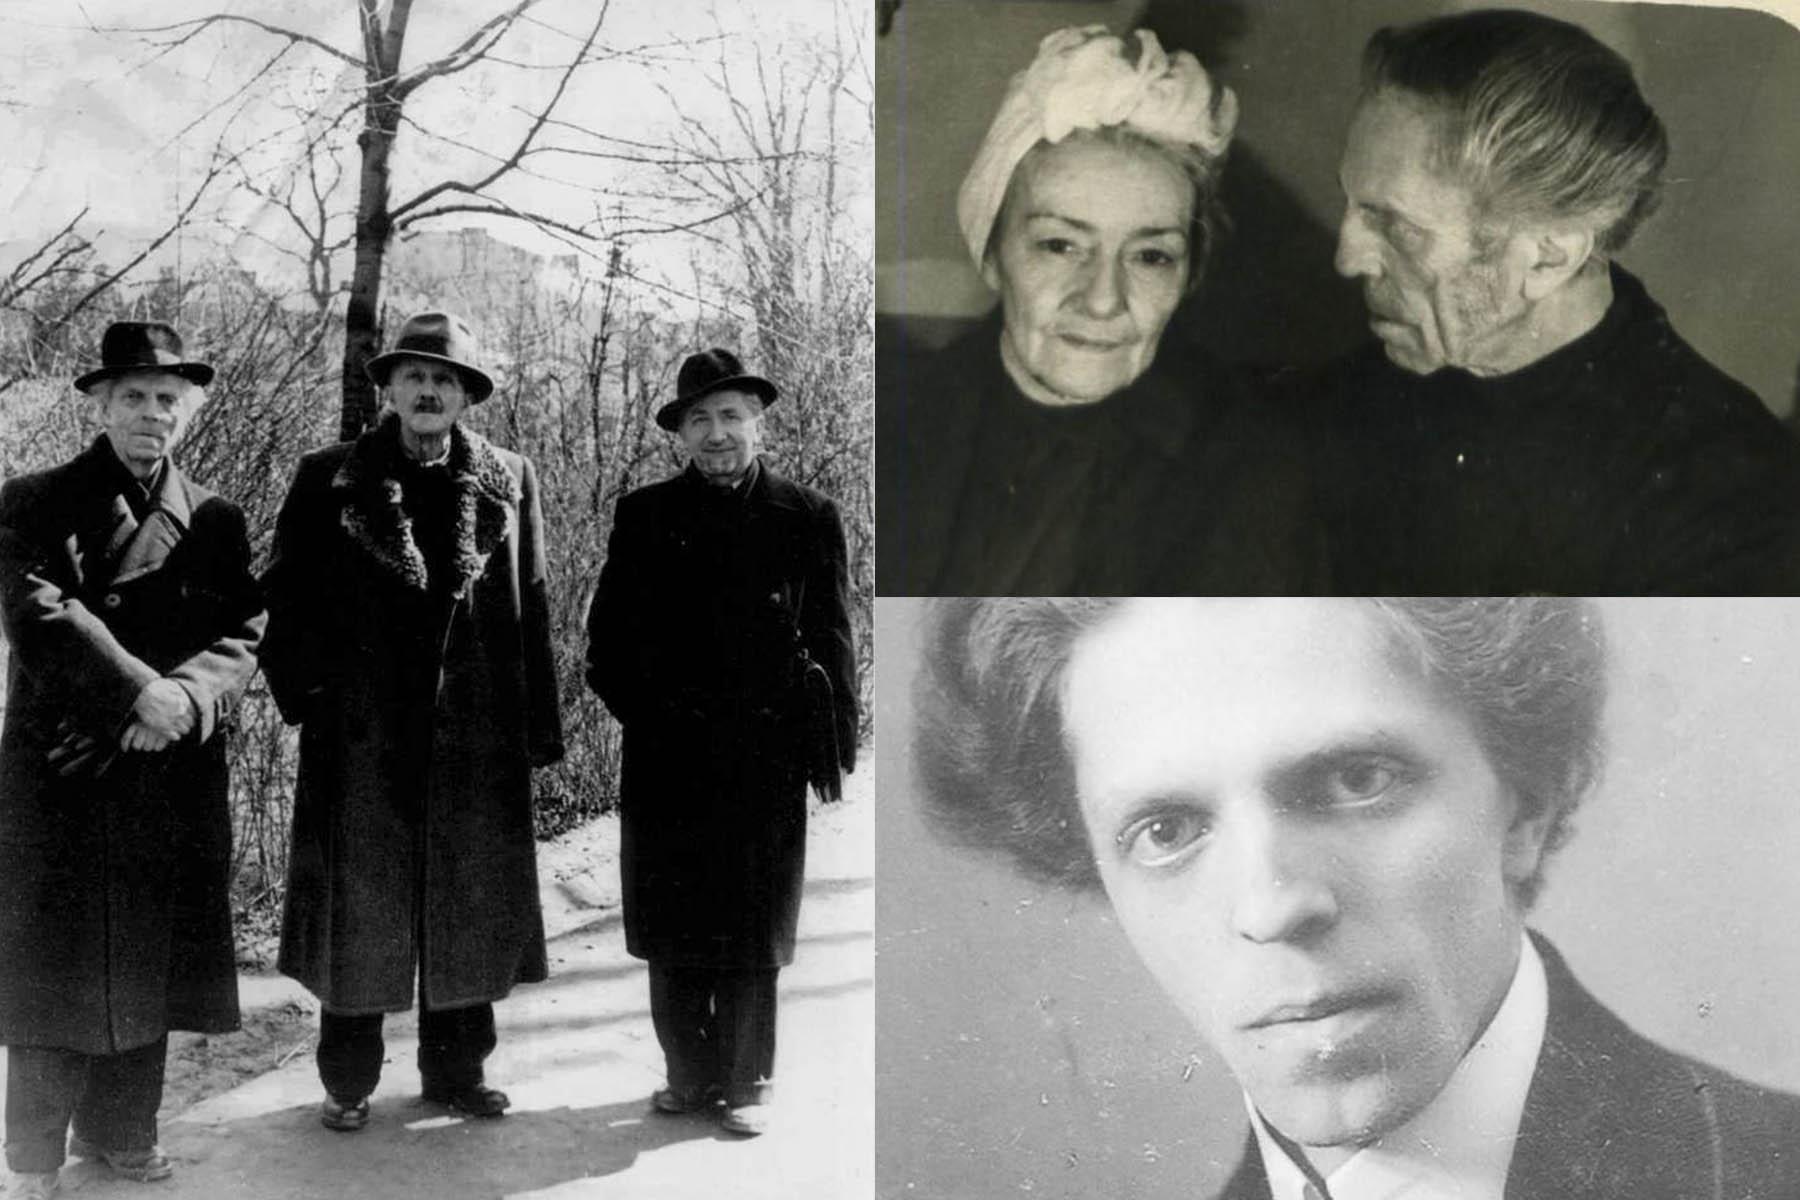 barvinskiy 20 лютого 1948-ого Василь Барвінський мав відзначити своє 60-ліття. — UA MUSIC | Енциклопедія української музики